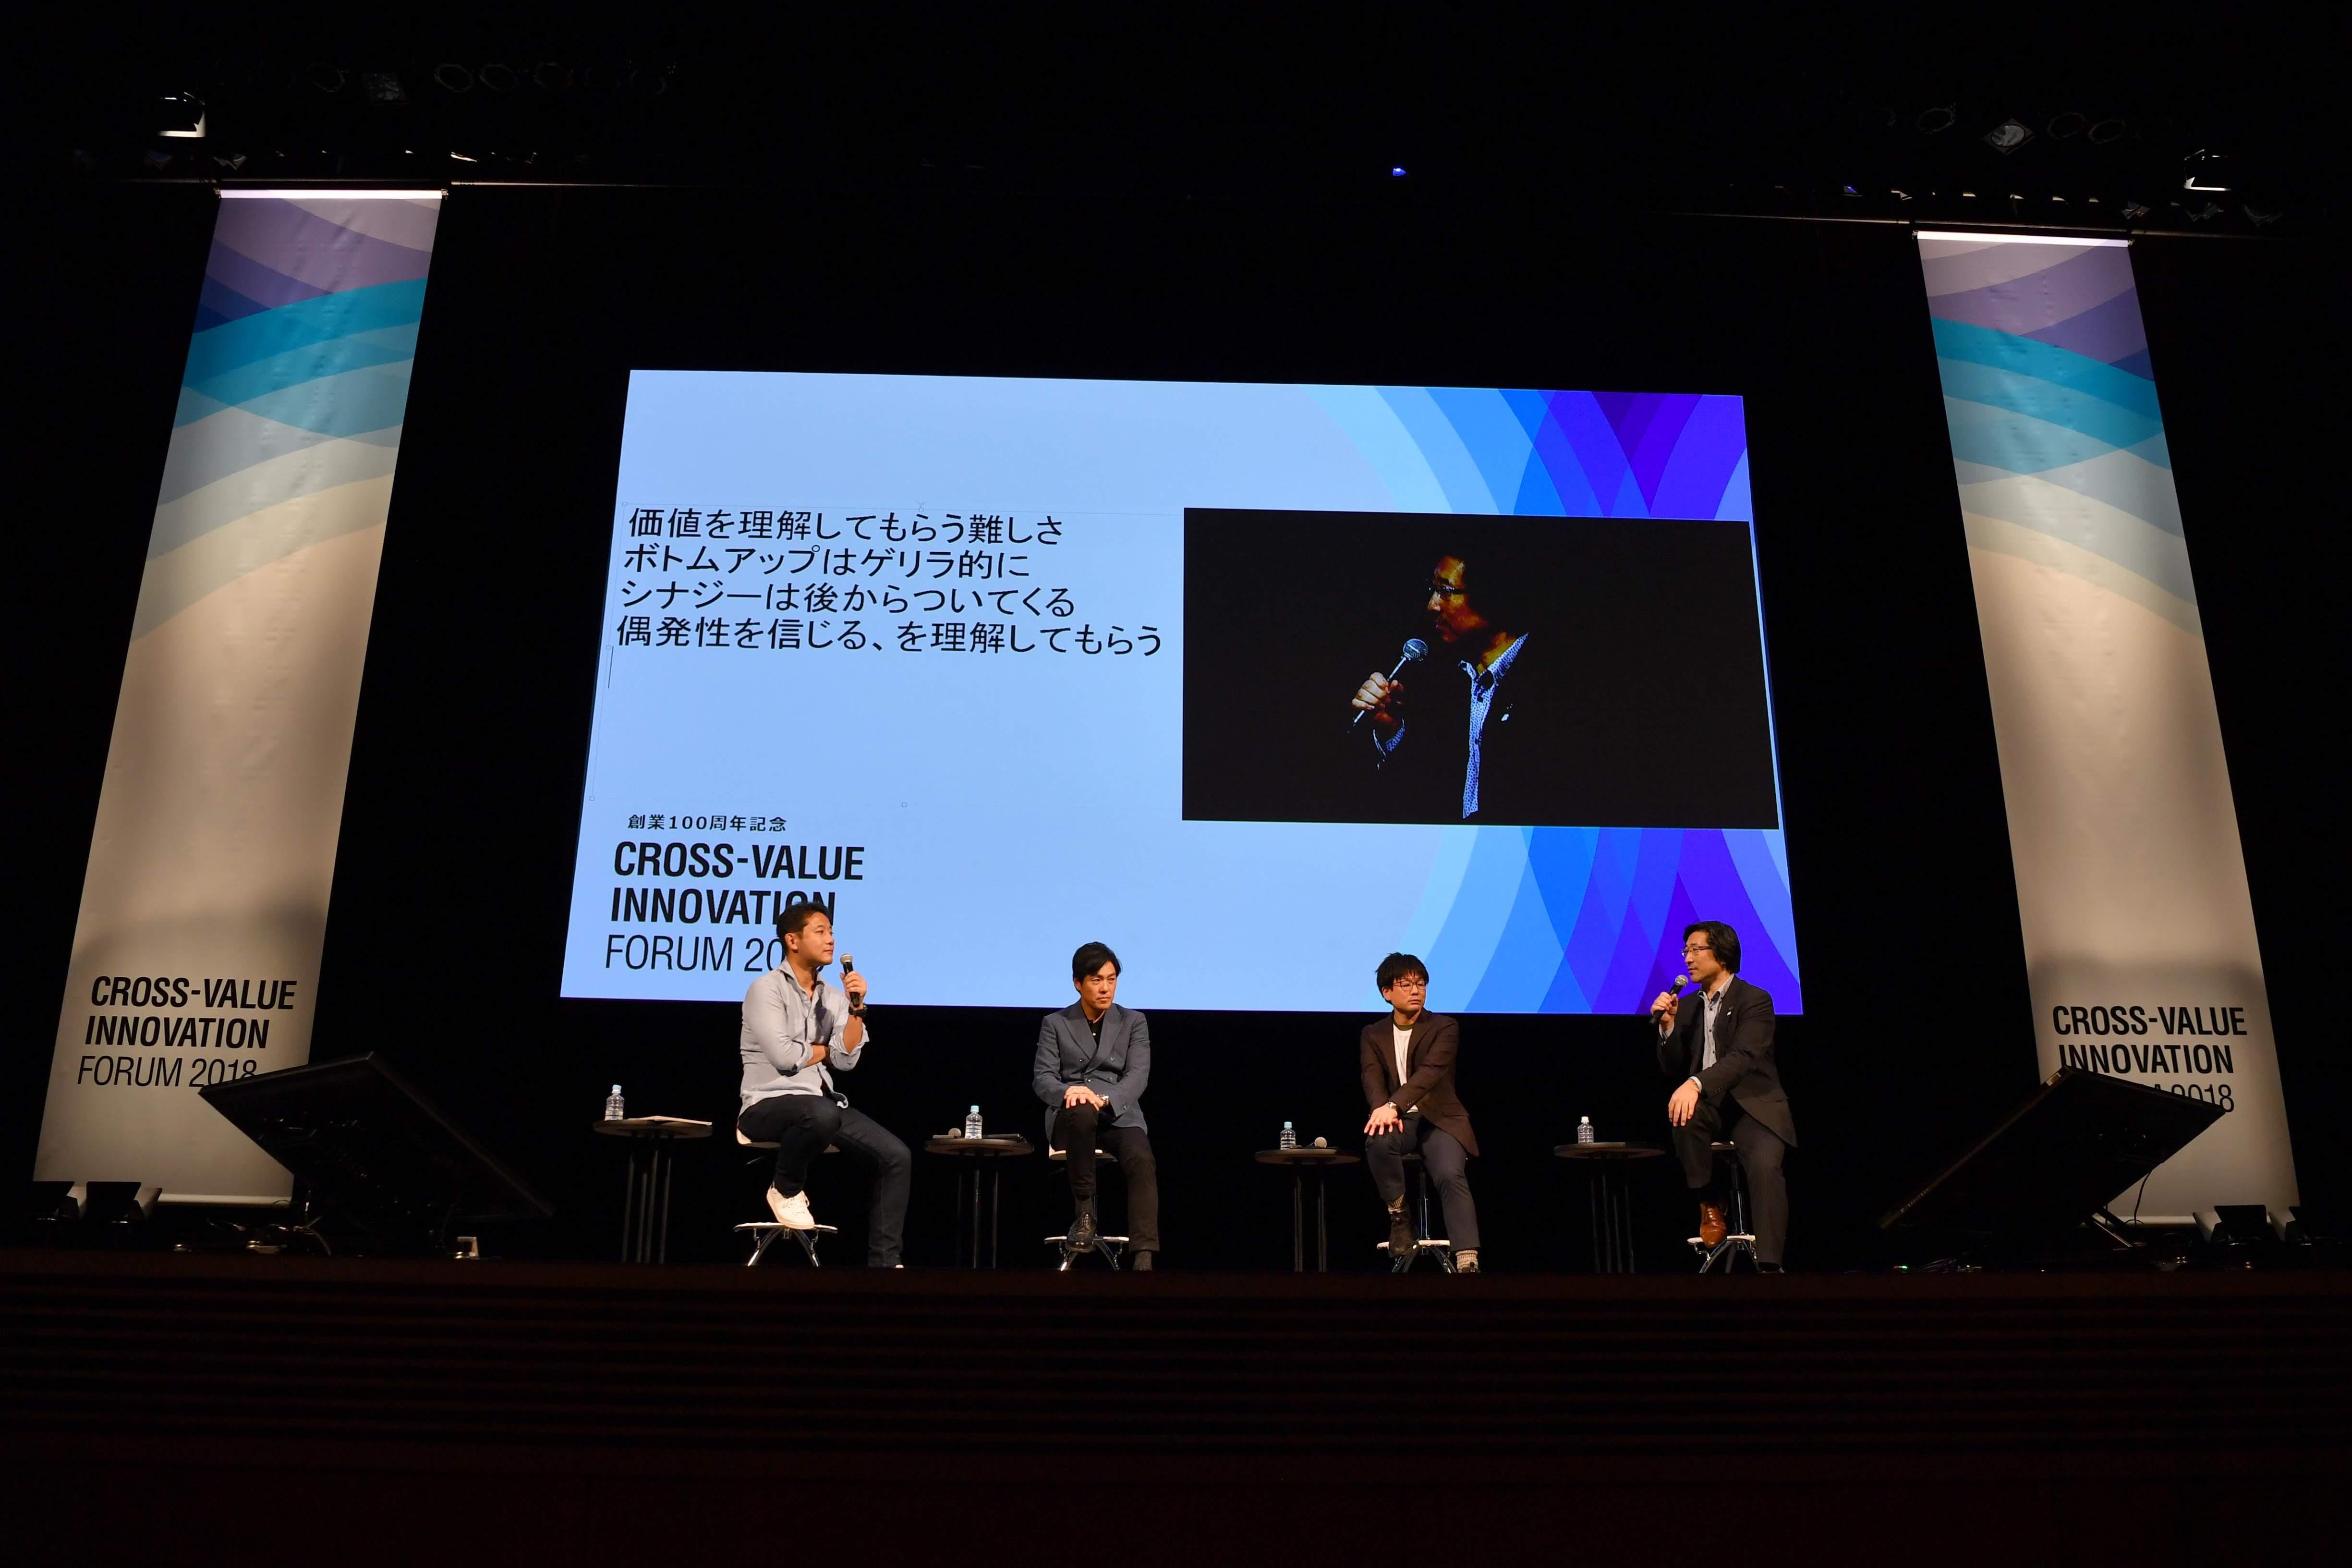 7_4人での議論の様子_Picture of discussion.JPG